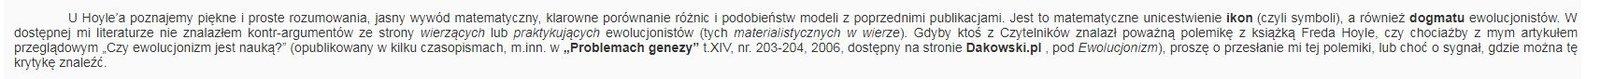 krytyka..thumb.JPG.d06b53292b73a7329914eac45b3a53f6.JPG